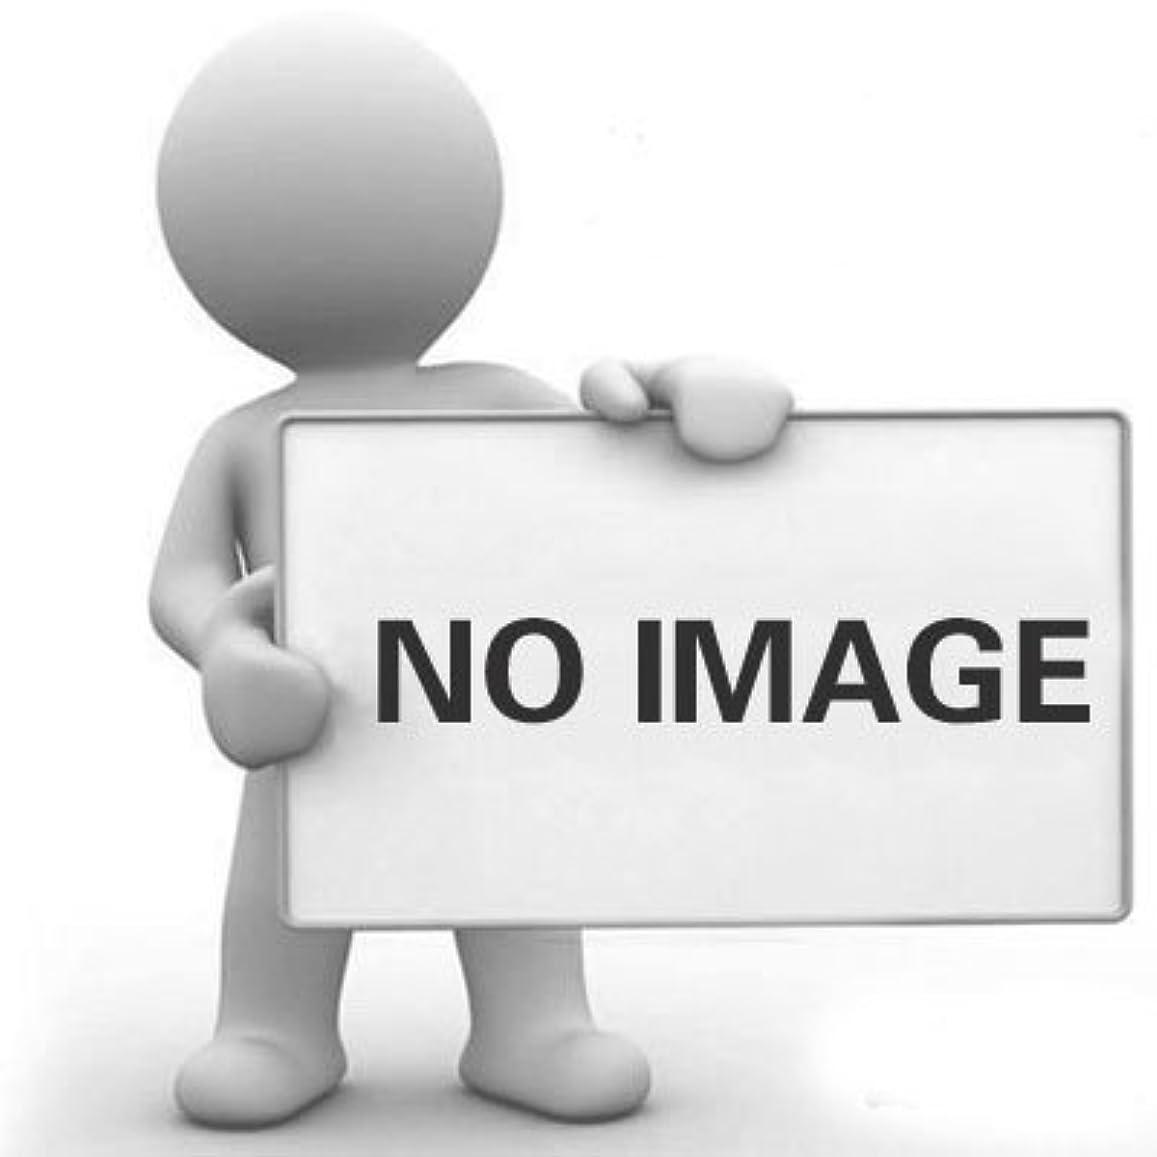 効果従来のバブルDYNWAVE ヘアダイブラシ 染髪ブラシ ヘアスタイリング用品 染毛剤 着色 色混合合ボール ヘアカラーボウル